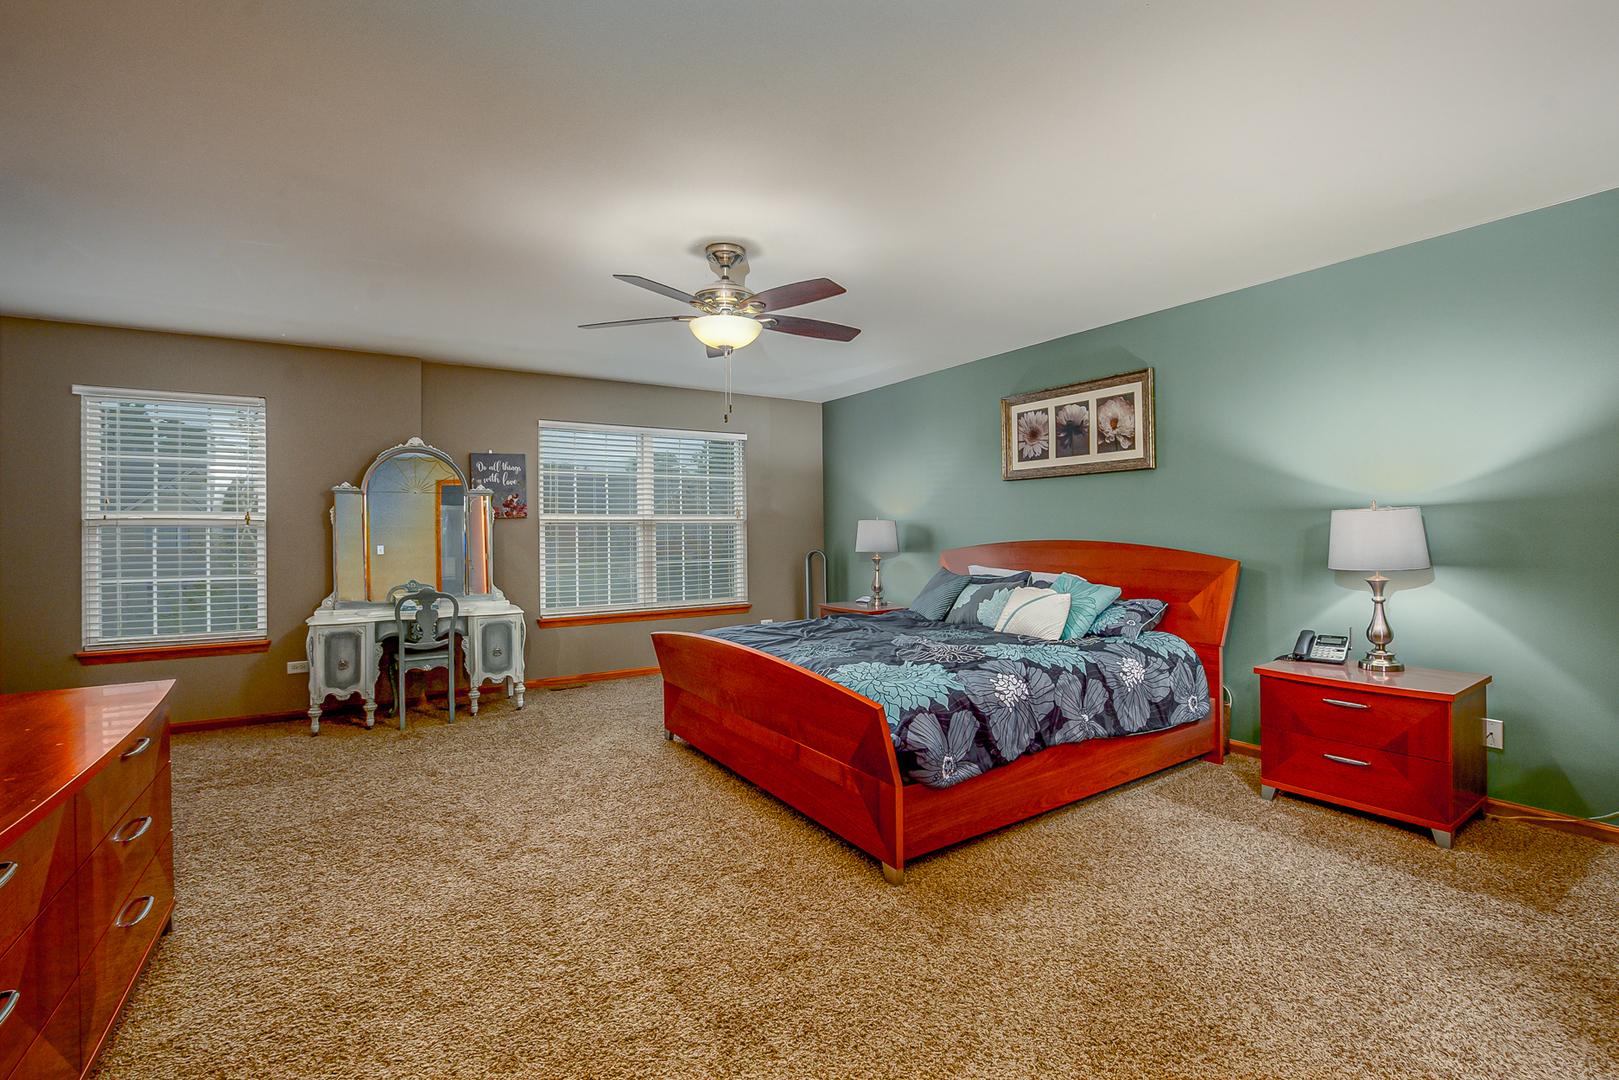 915 Neufairfield, Joliet, Illinois, 60432